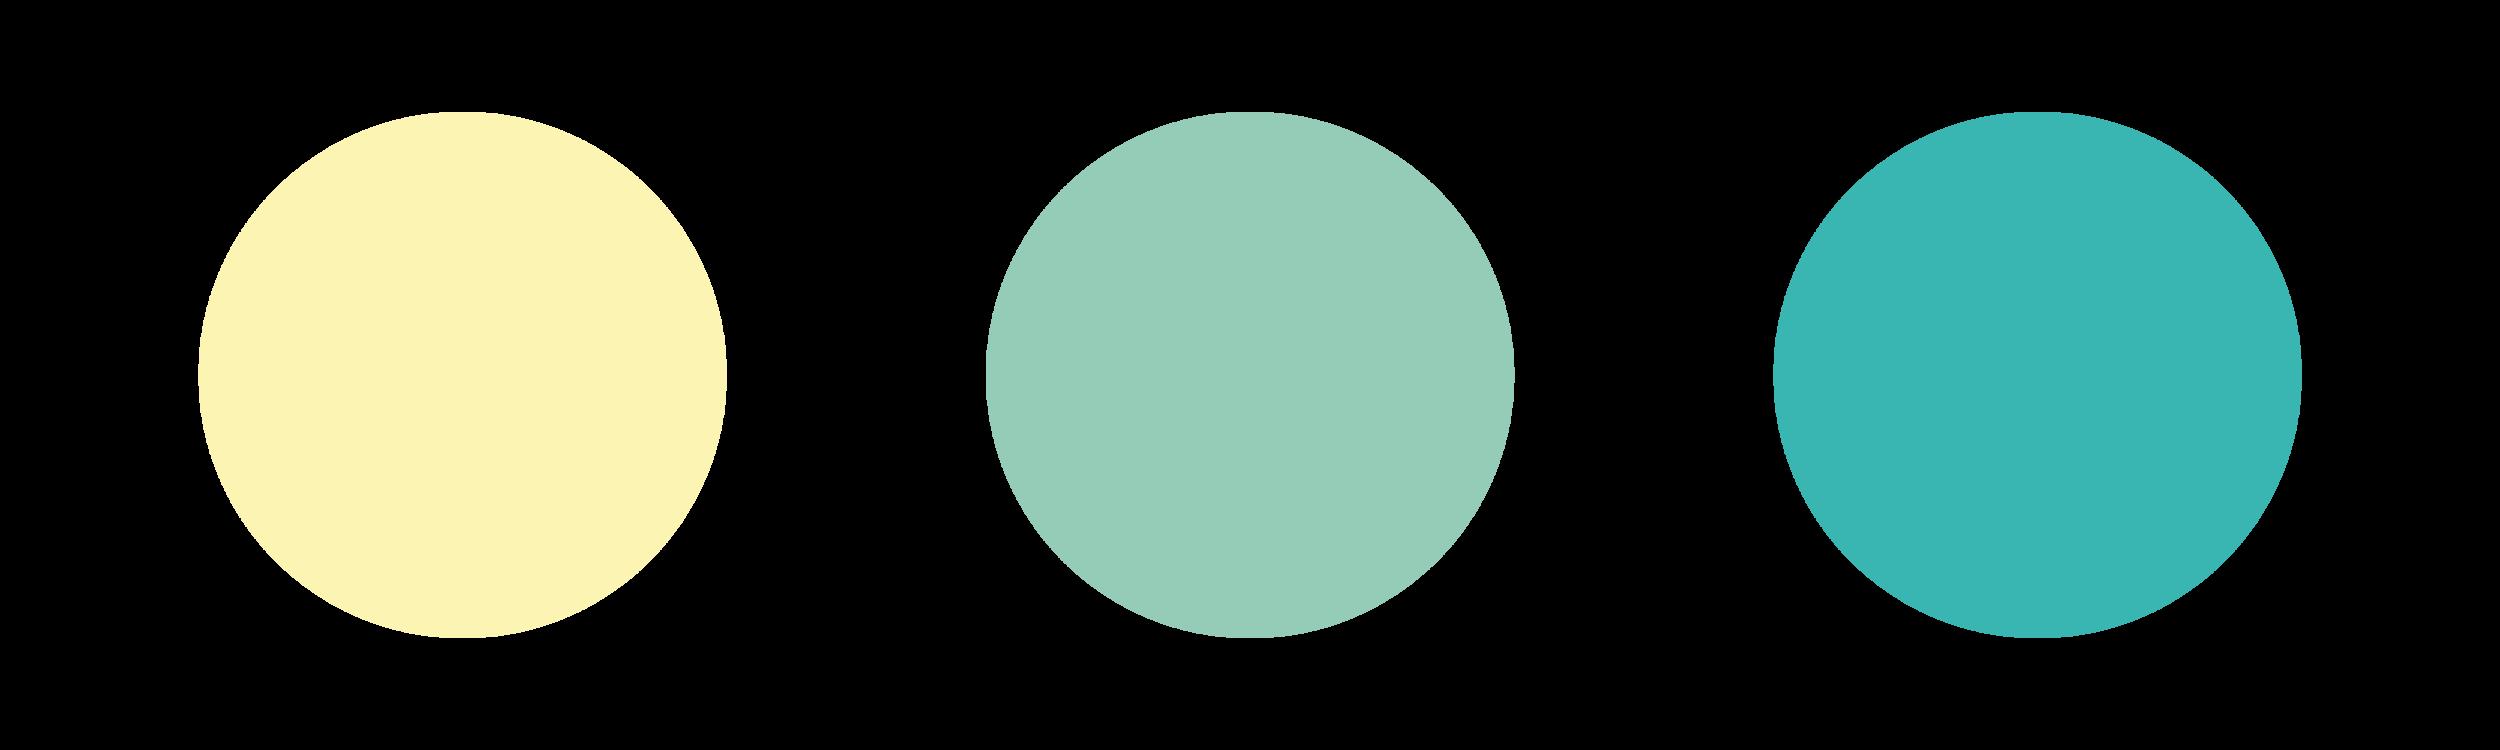 tfd-color-scheme-1.png